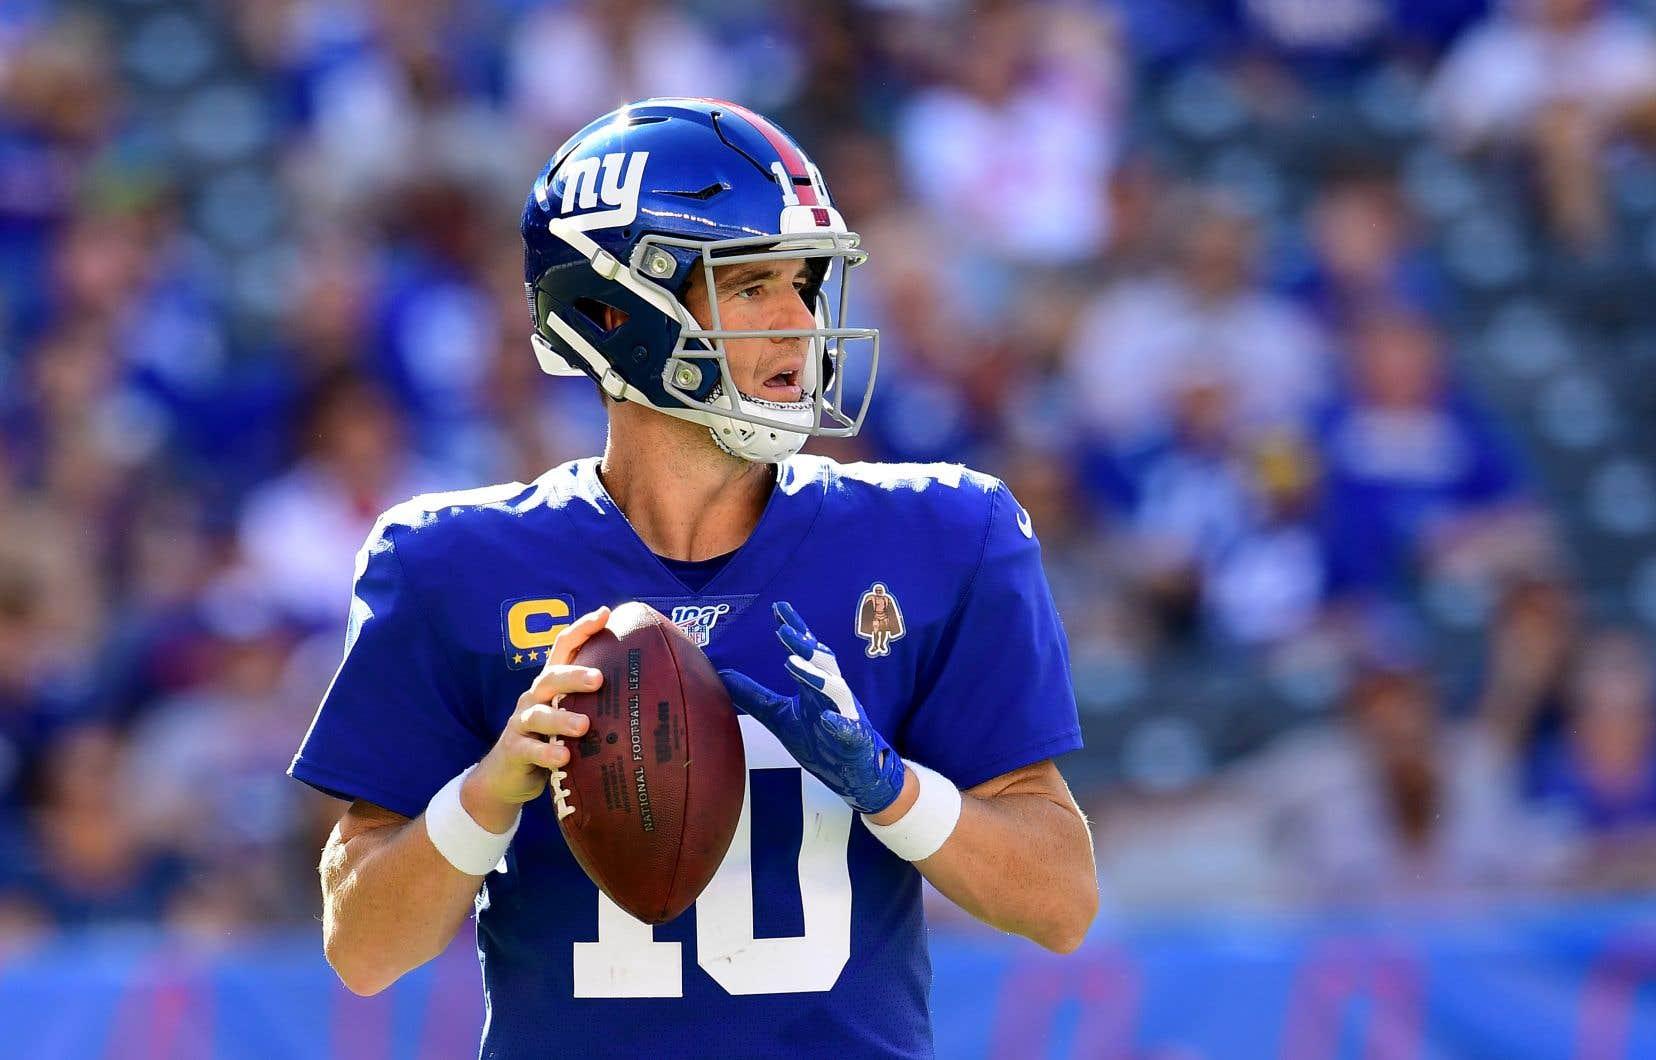 Manning, qui dispute une 16esaison avec les Giants, un record d'équipe, savait qu'un changement représentait une possibilité.